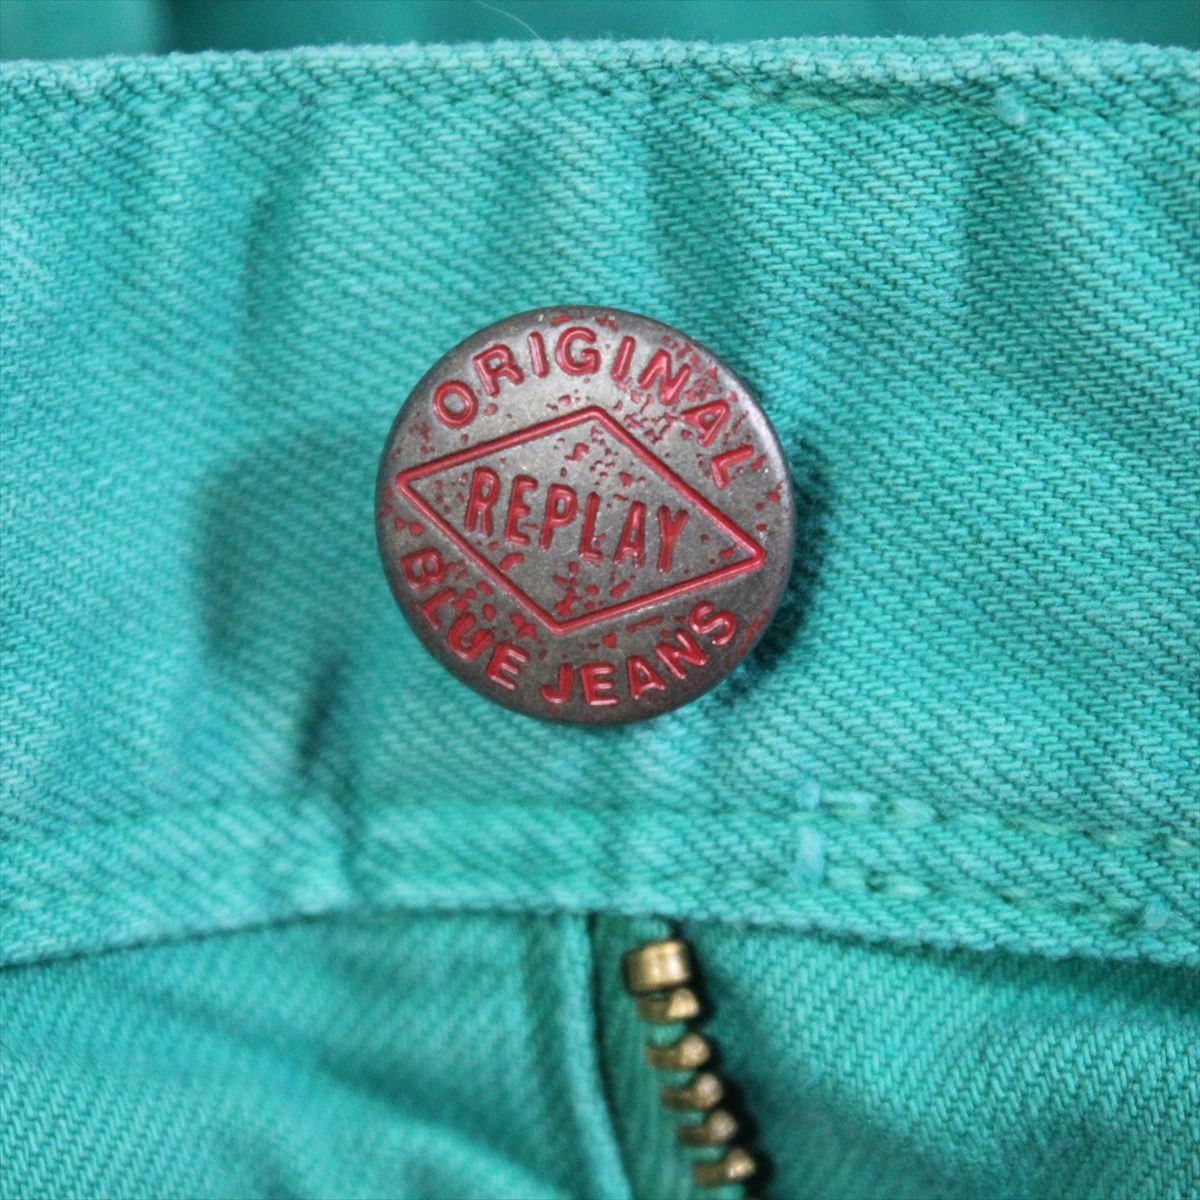 リプレイ REPLAY メンズカラーパンツ ジーンズ デニムパンツ SLIM グリーン 30インチ 新品 REPLAY BLUE JEANS anbass slim jeans_画像2